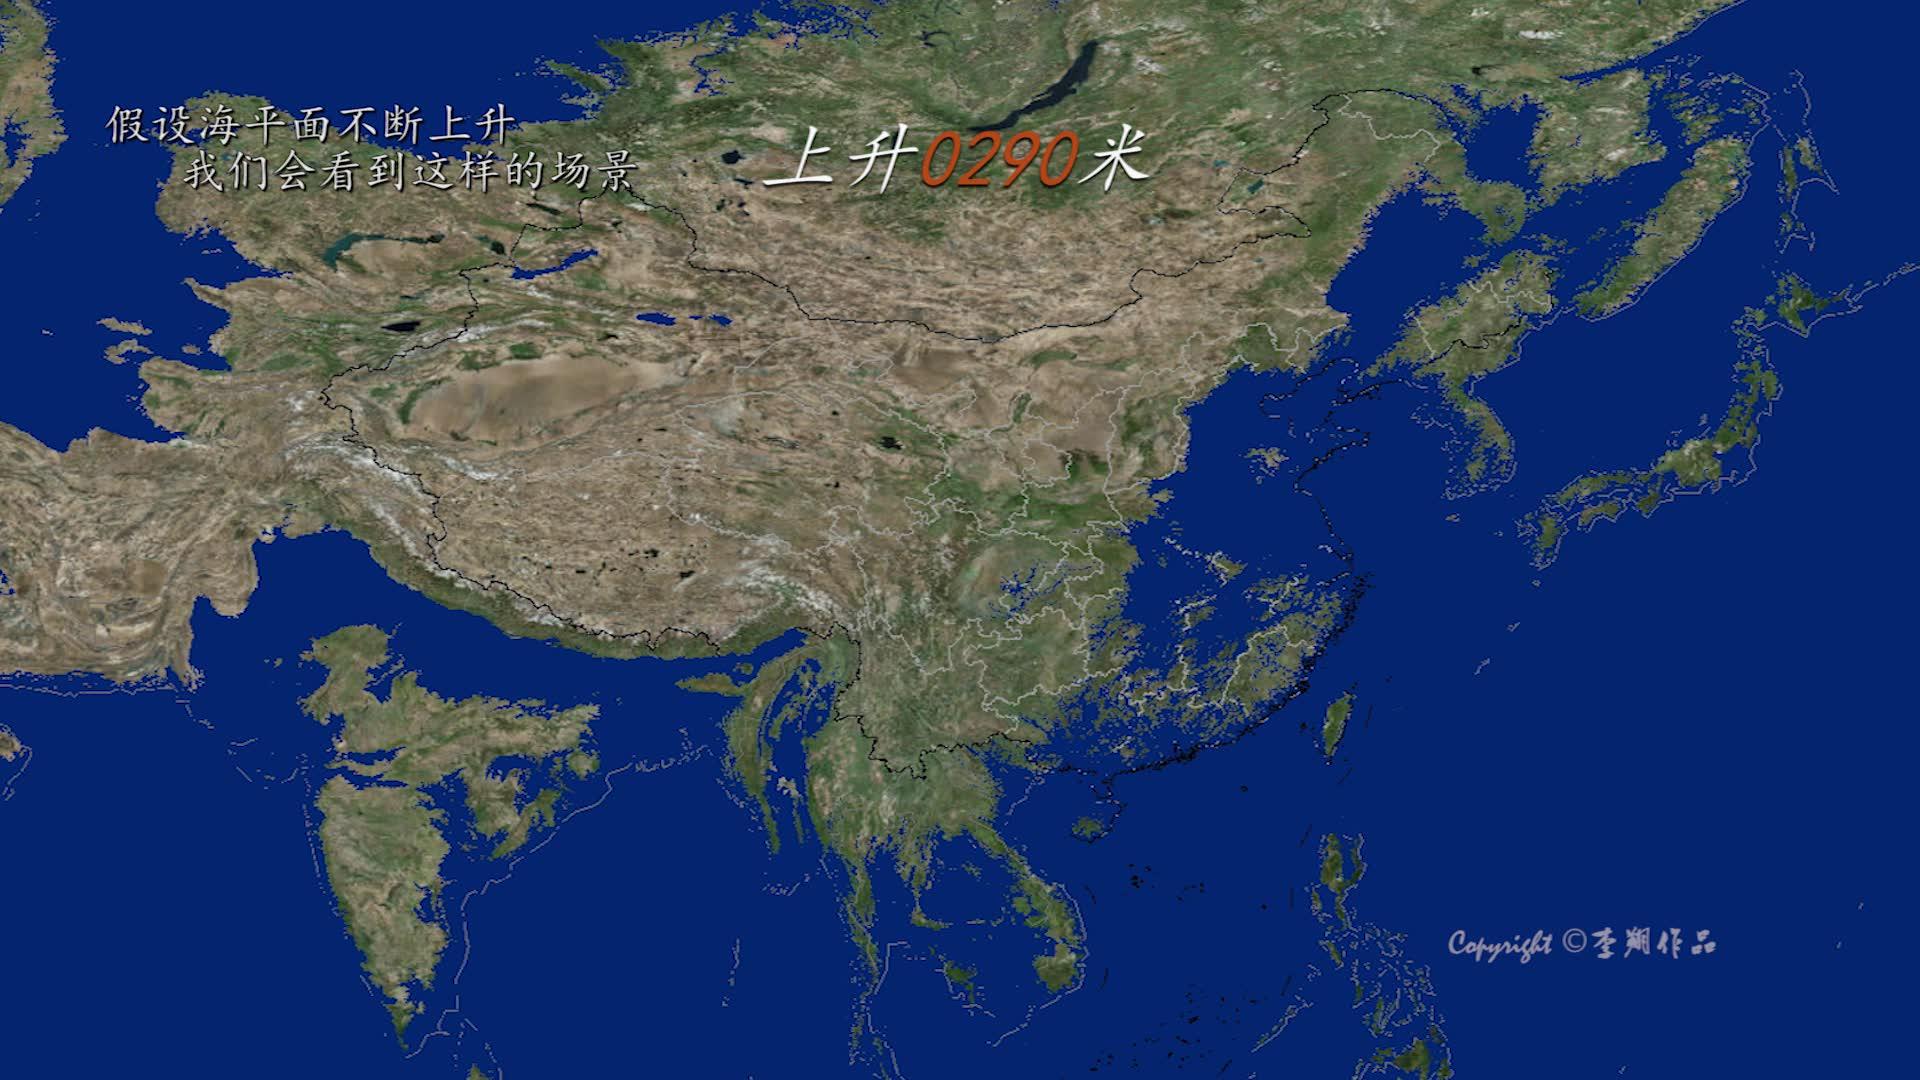 模拟海平面不断上升亚洲大陆被淹没全过程